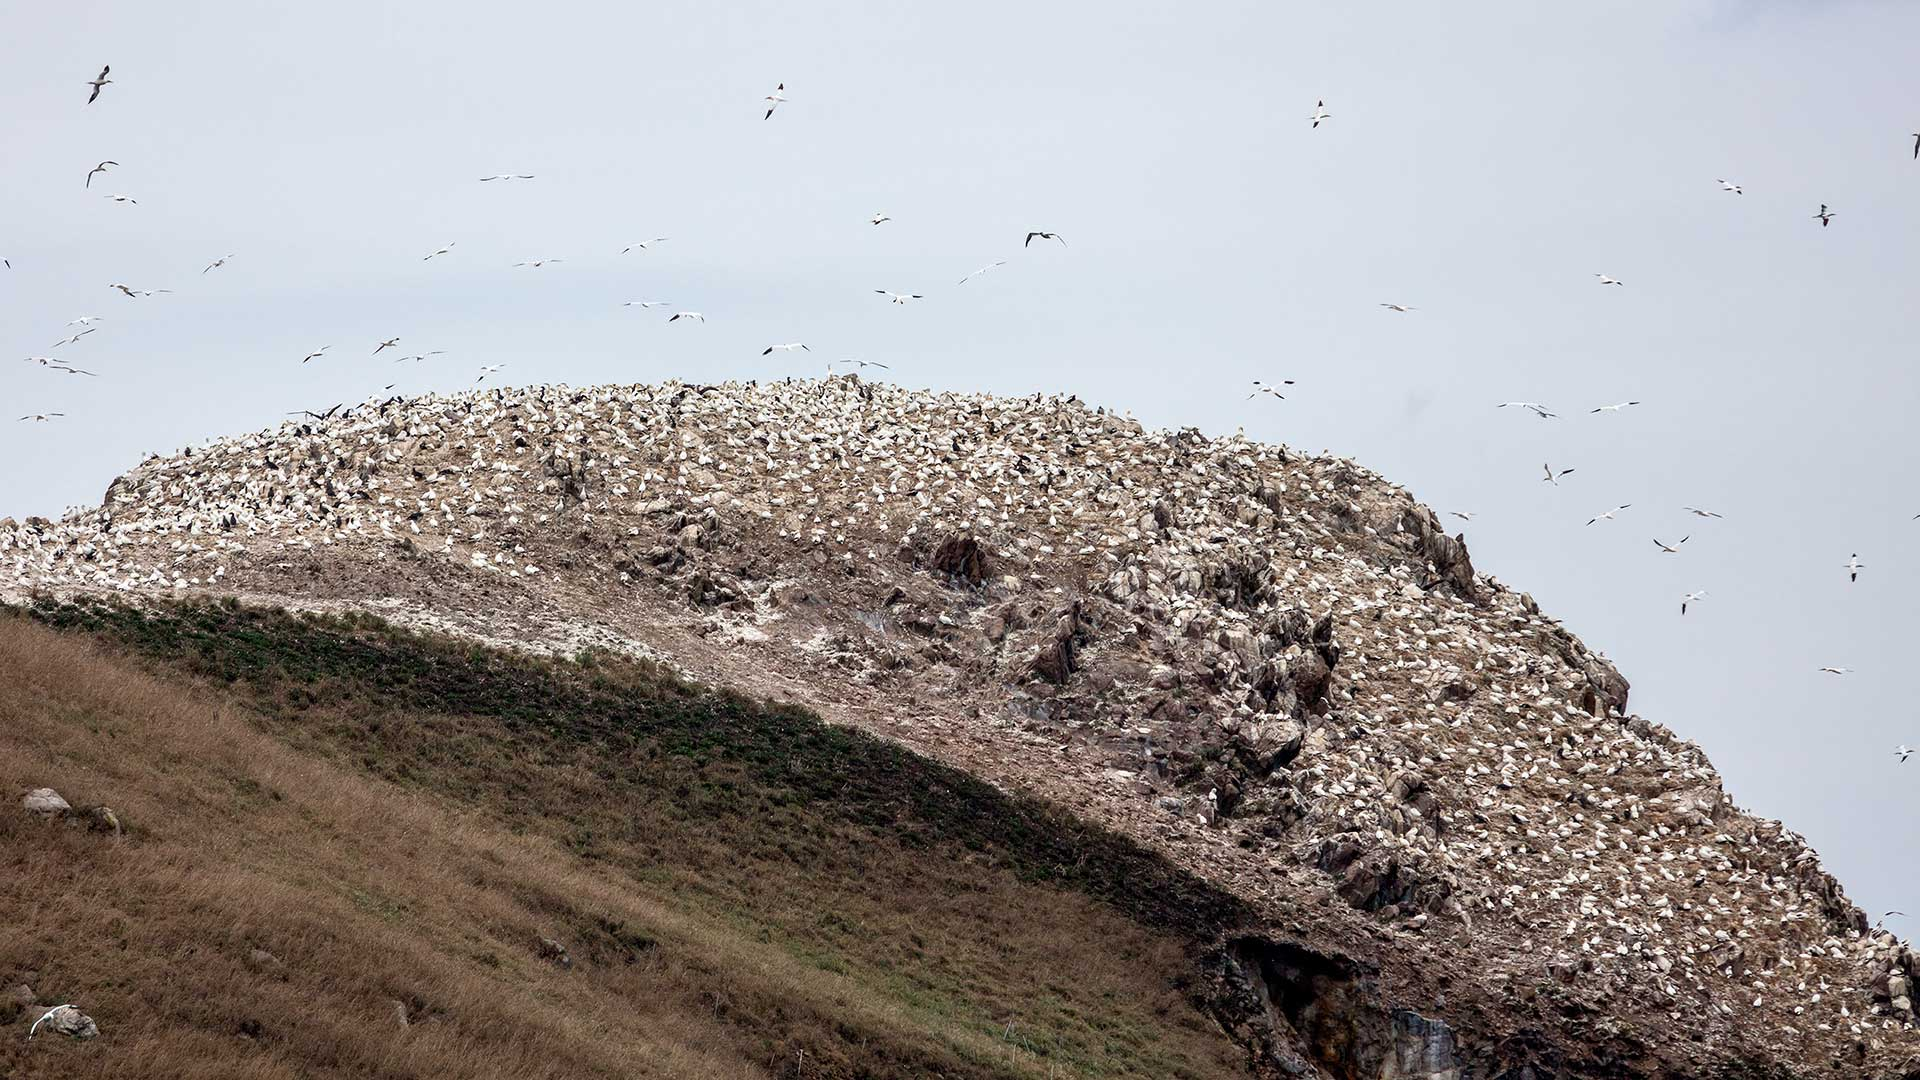 Naturfotografie, Tierfotografie: Ile de Rouzic – Basstölpel-Kolonie | Foto: Dieter Eikenberg, imprints